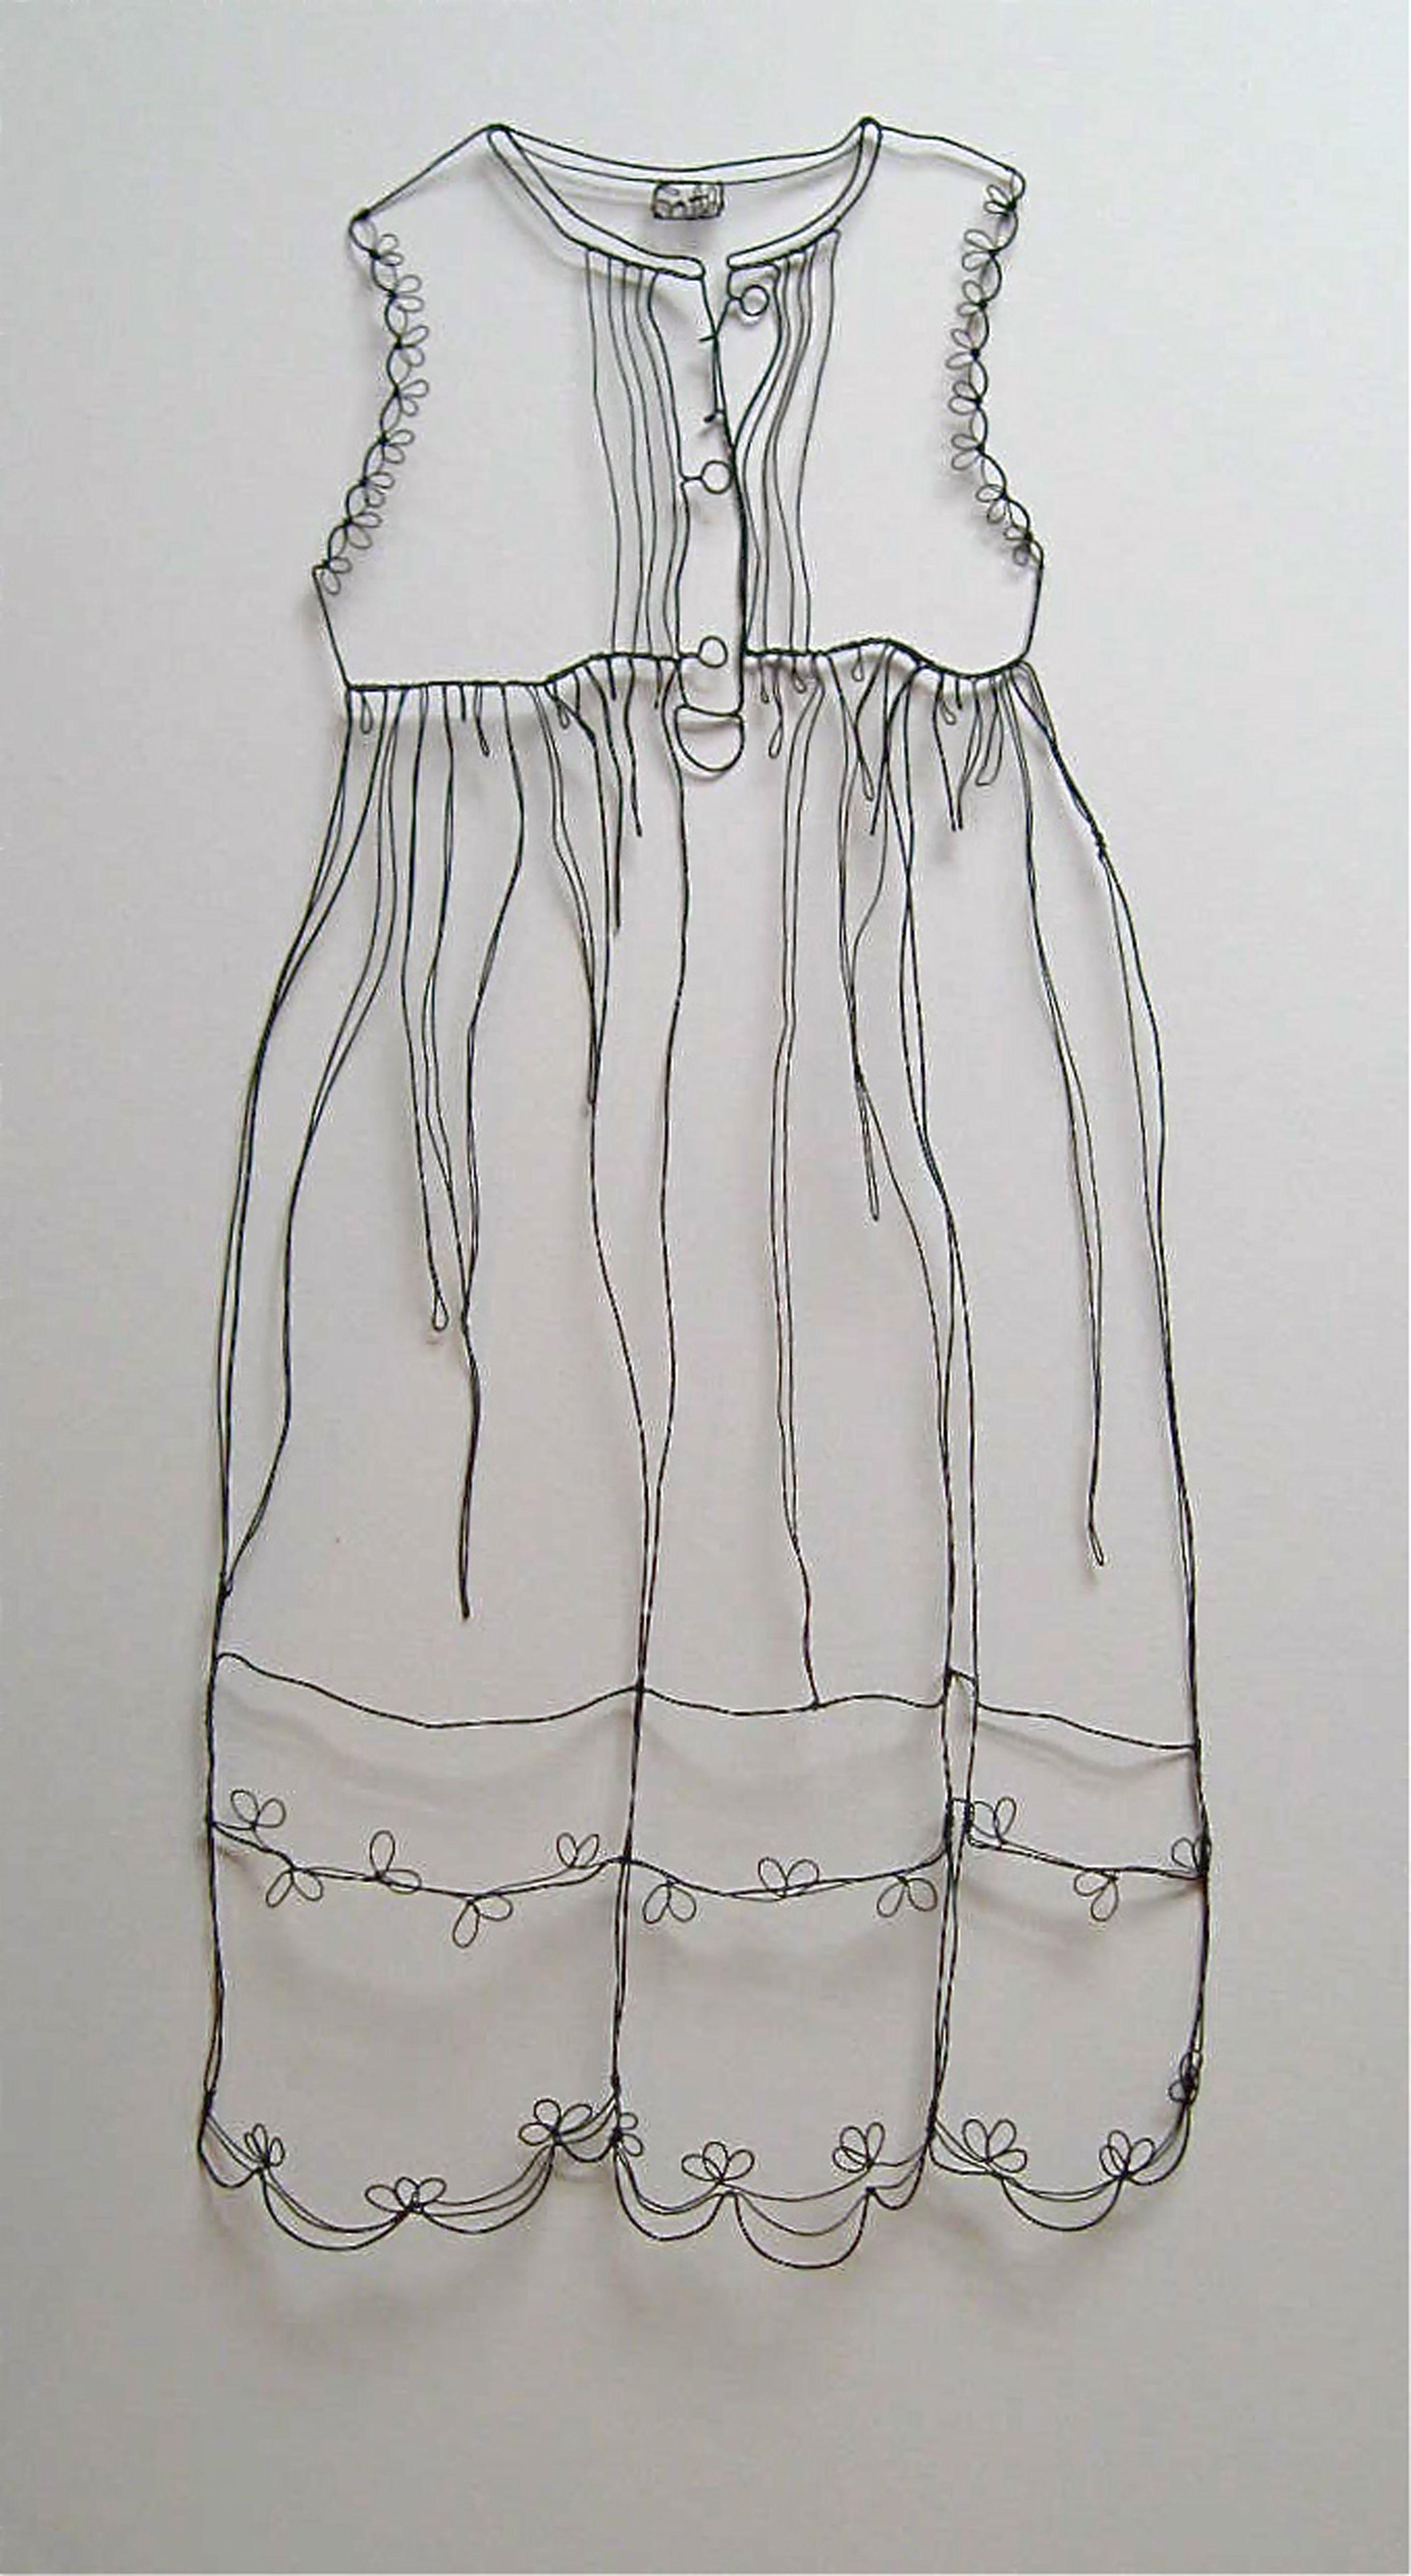 Dåbskjole laved i metaltråd af Christina James Nielsen -kjolen ...